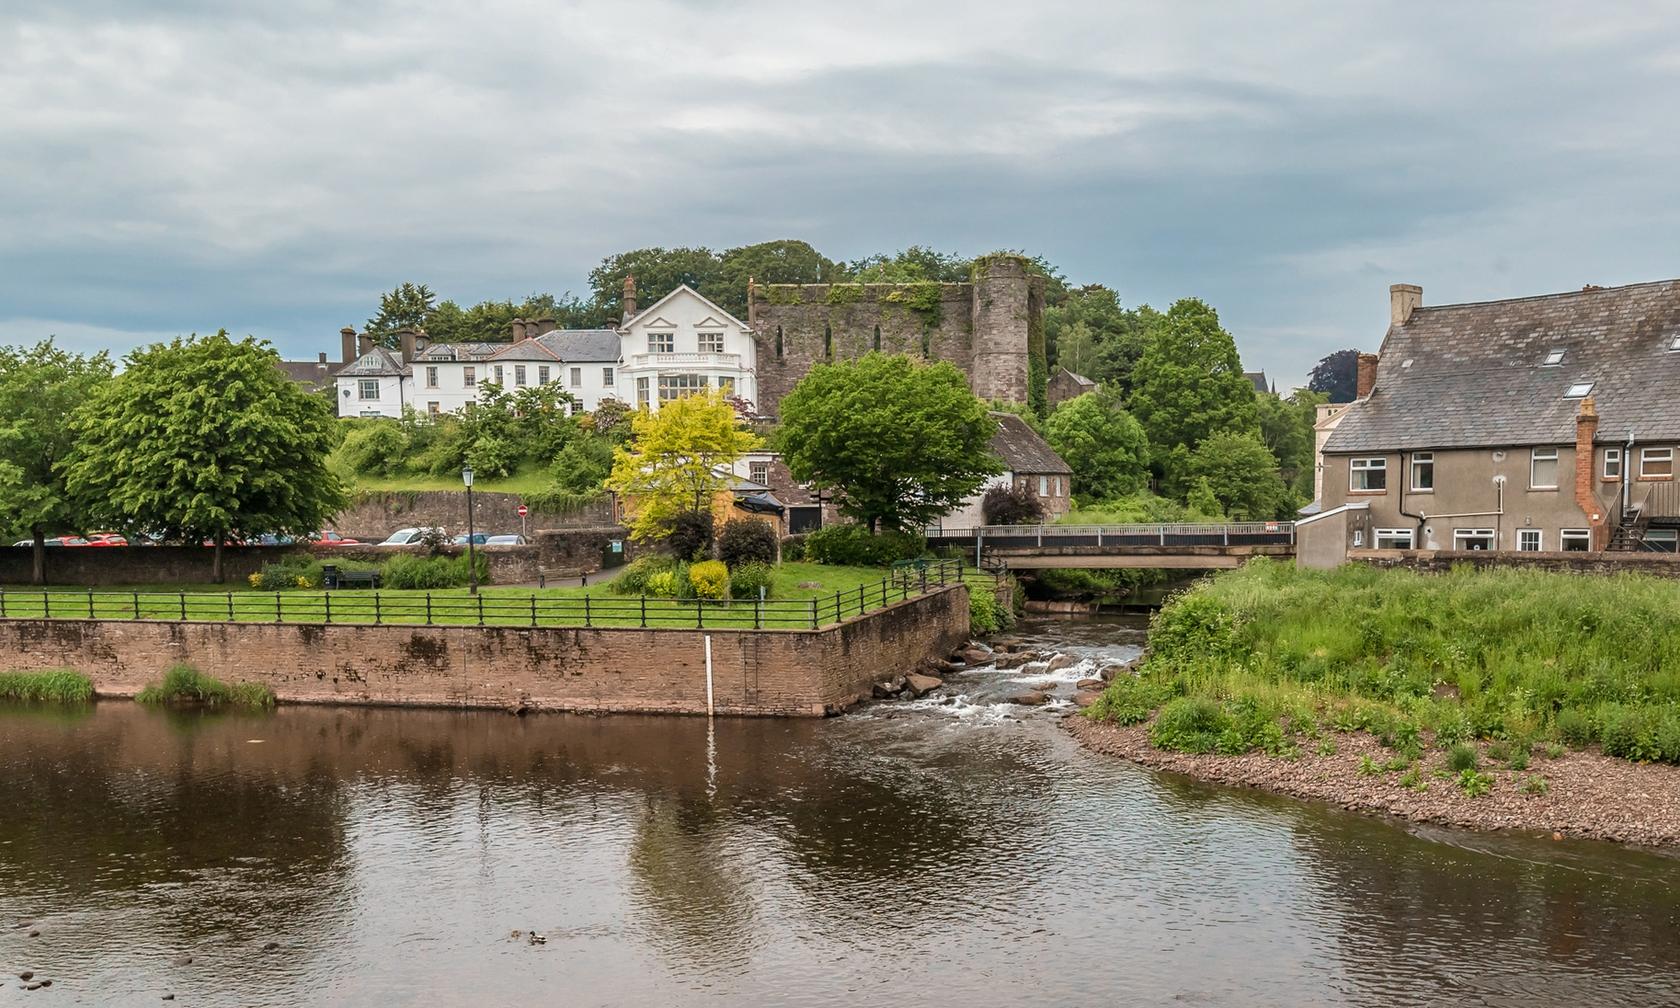 Holiday rentals in Brecon